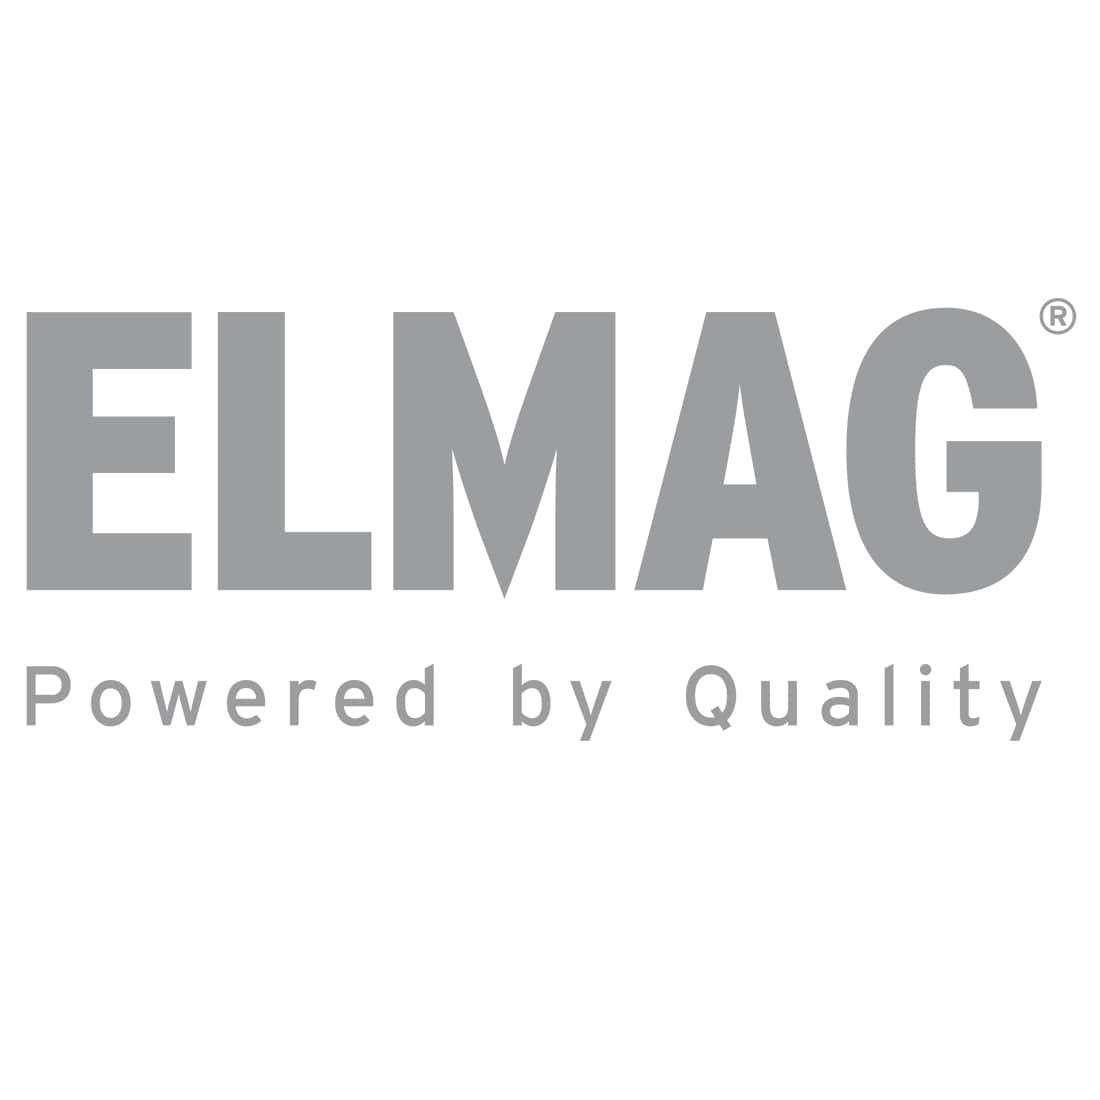 Heizdüse H2 (100 - 300 mm)